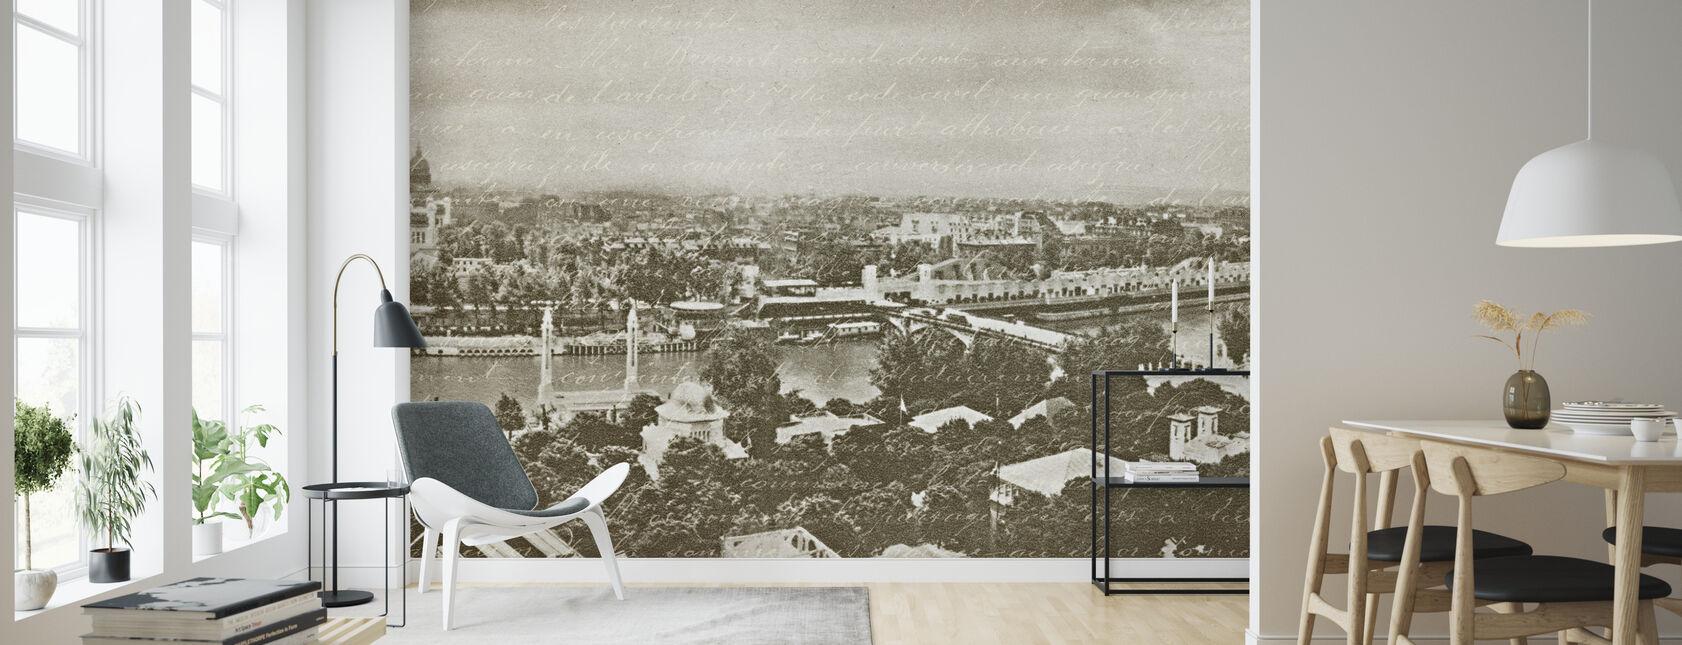 Paris Panorama - Wallpaper - Living Room